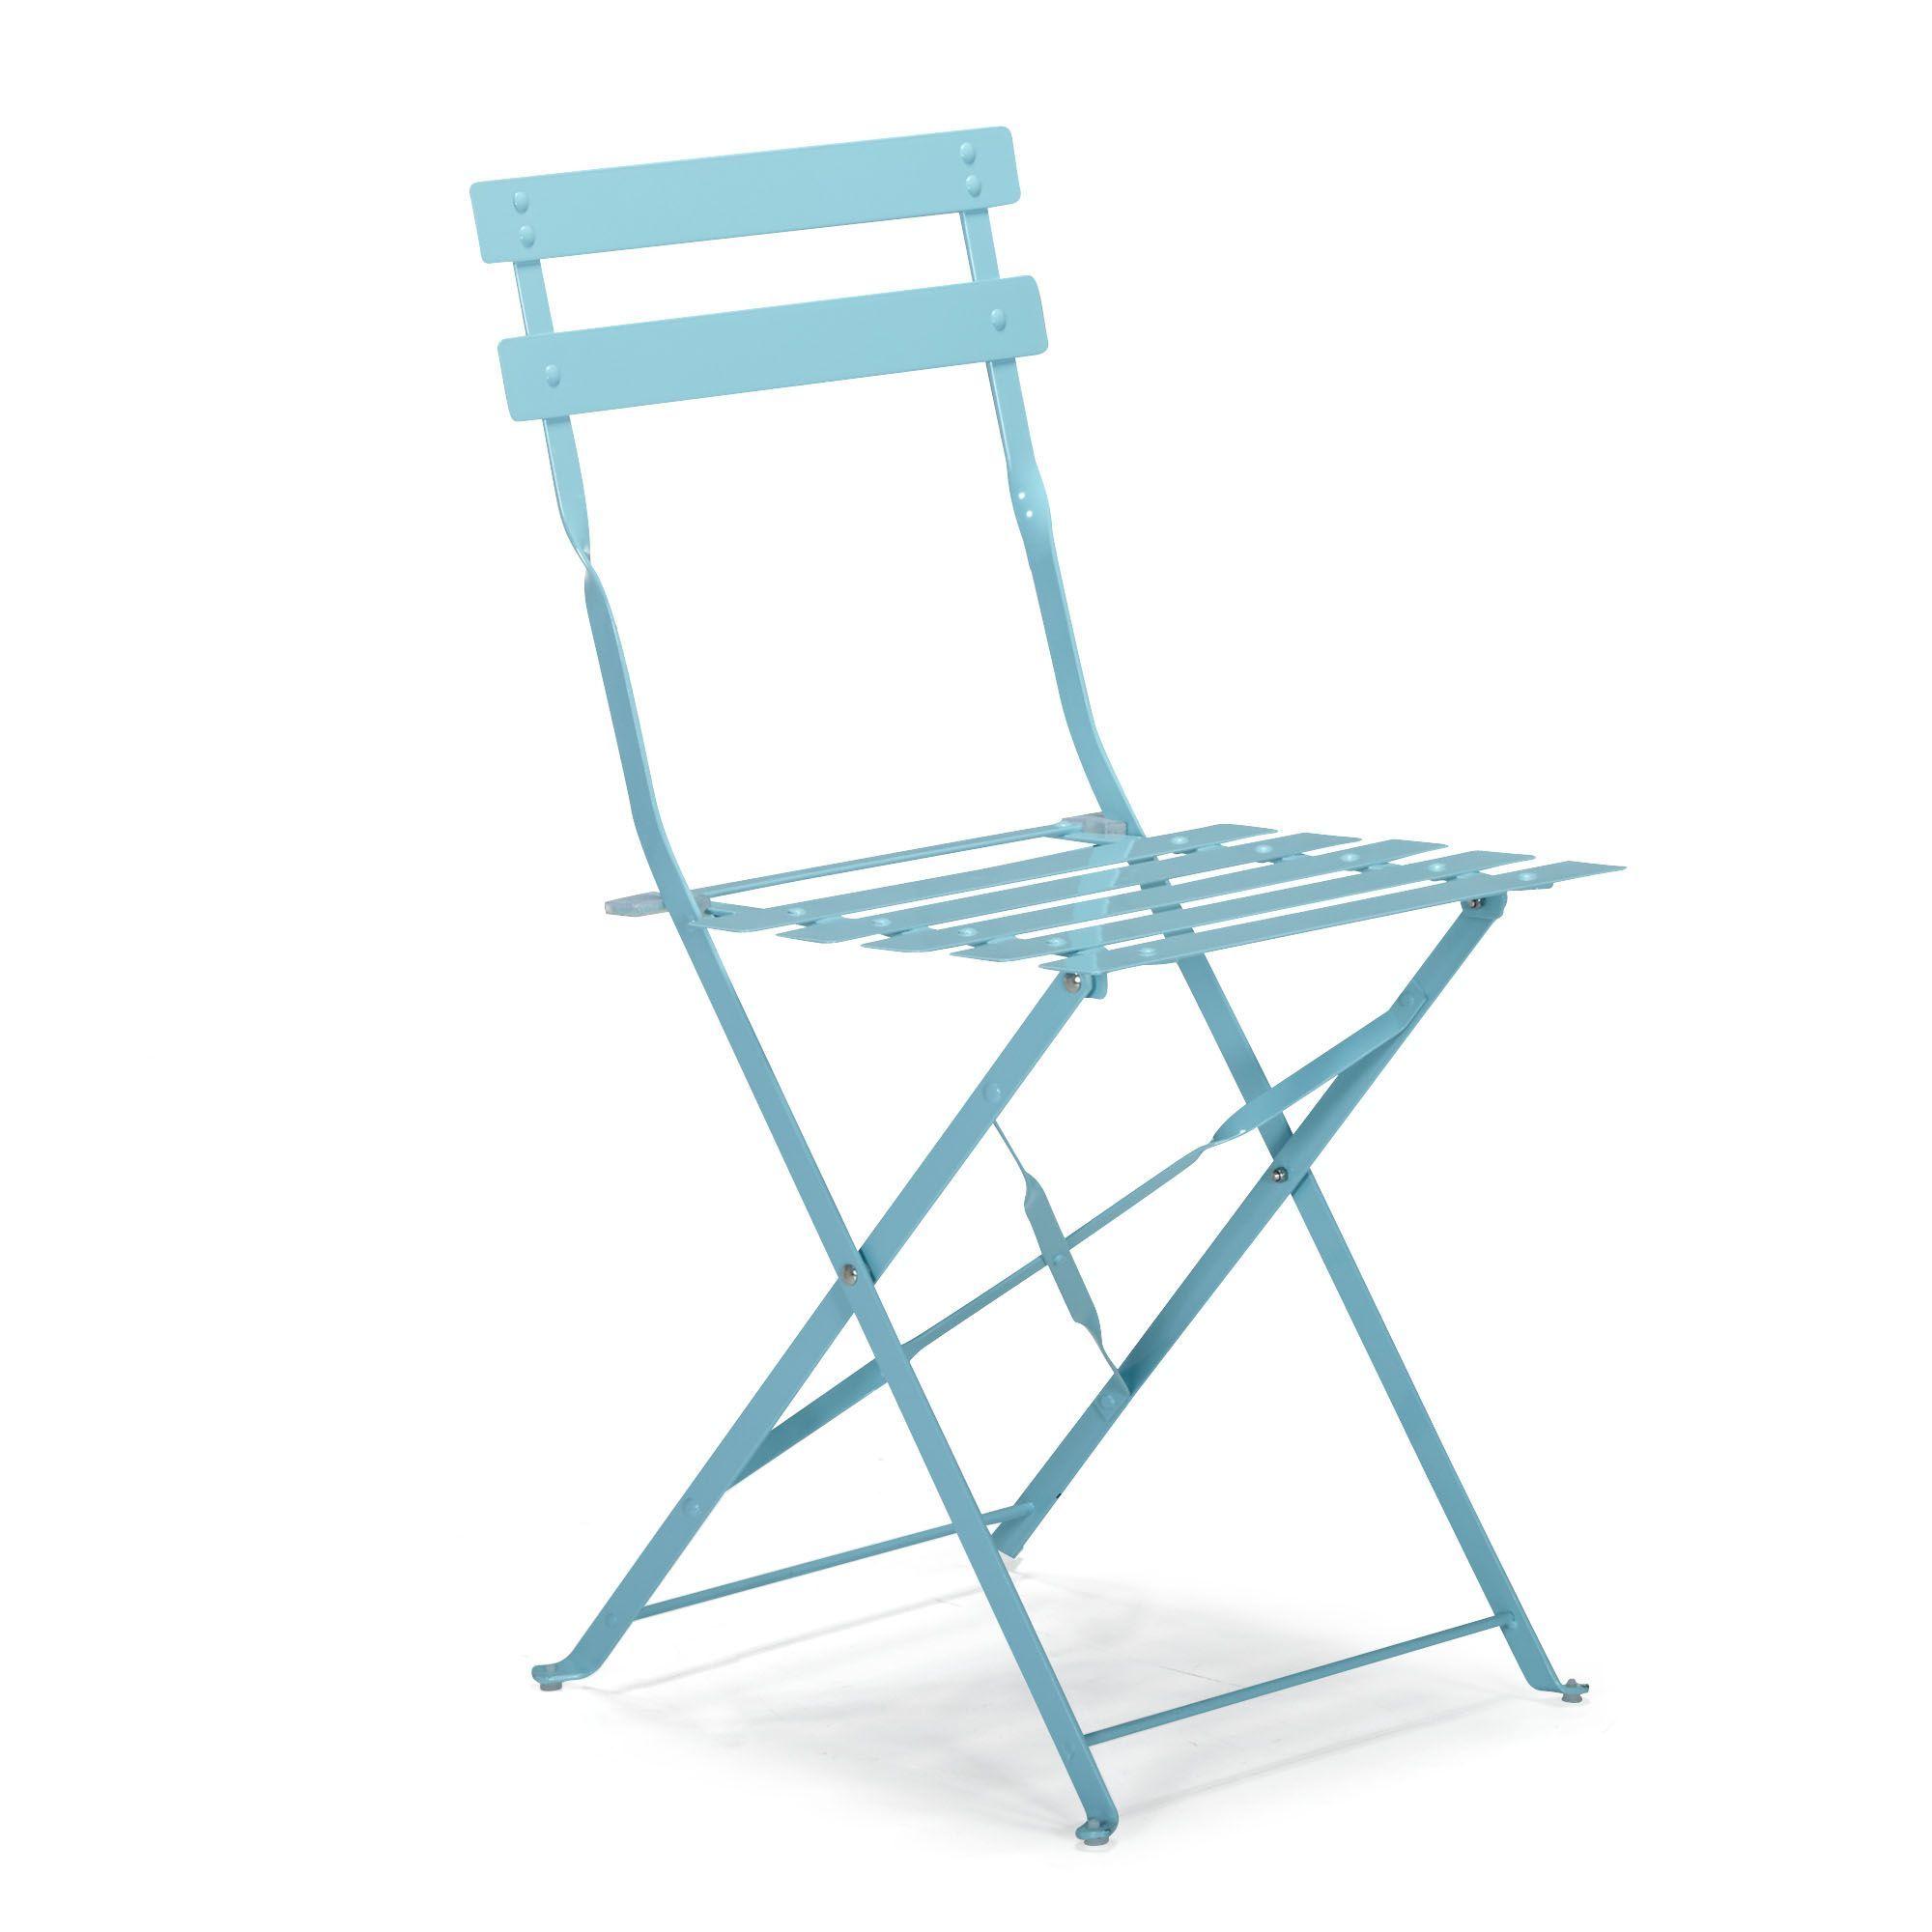 Chaise De Jardin Pliante Bleu Lagon Bleu Lagon Pims Les Tables De Jardin Les Tables Et Chaises Jardin Chaise De Jardin Chaise Pliante Mobilier De Salon